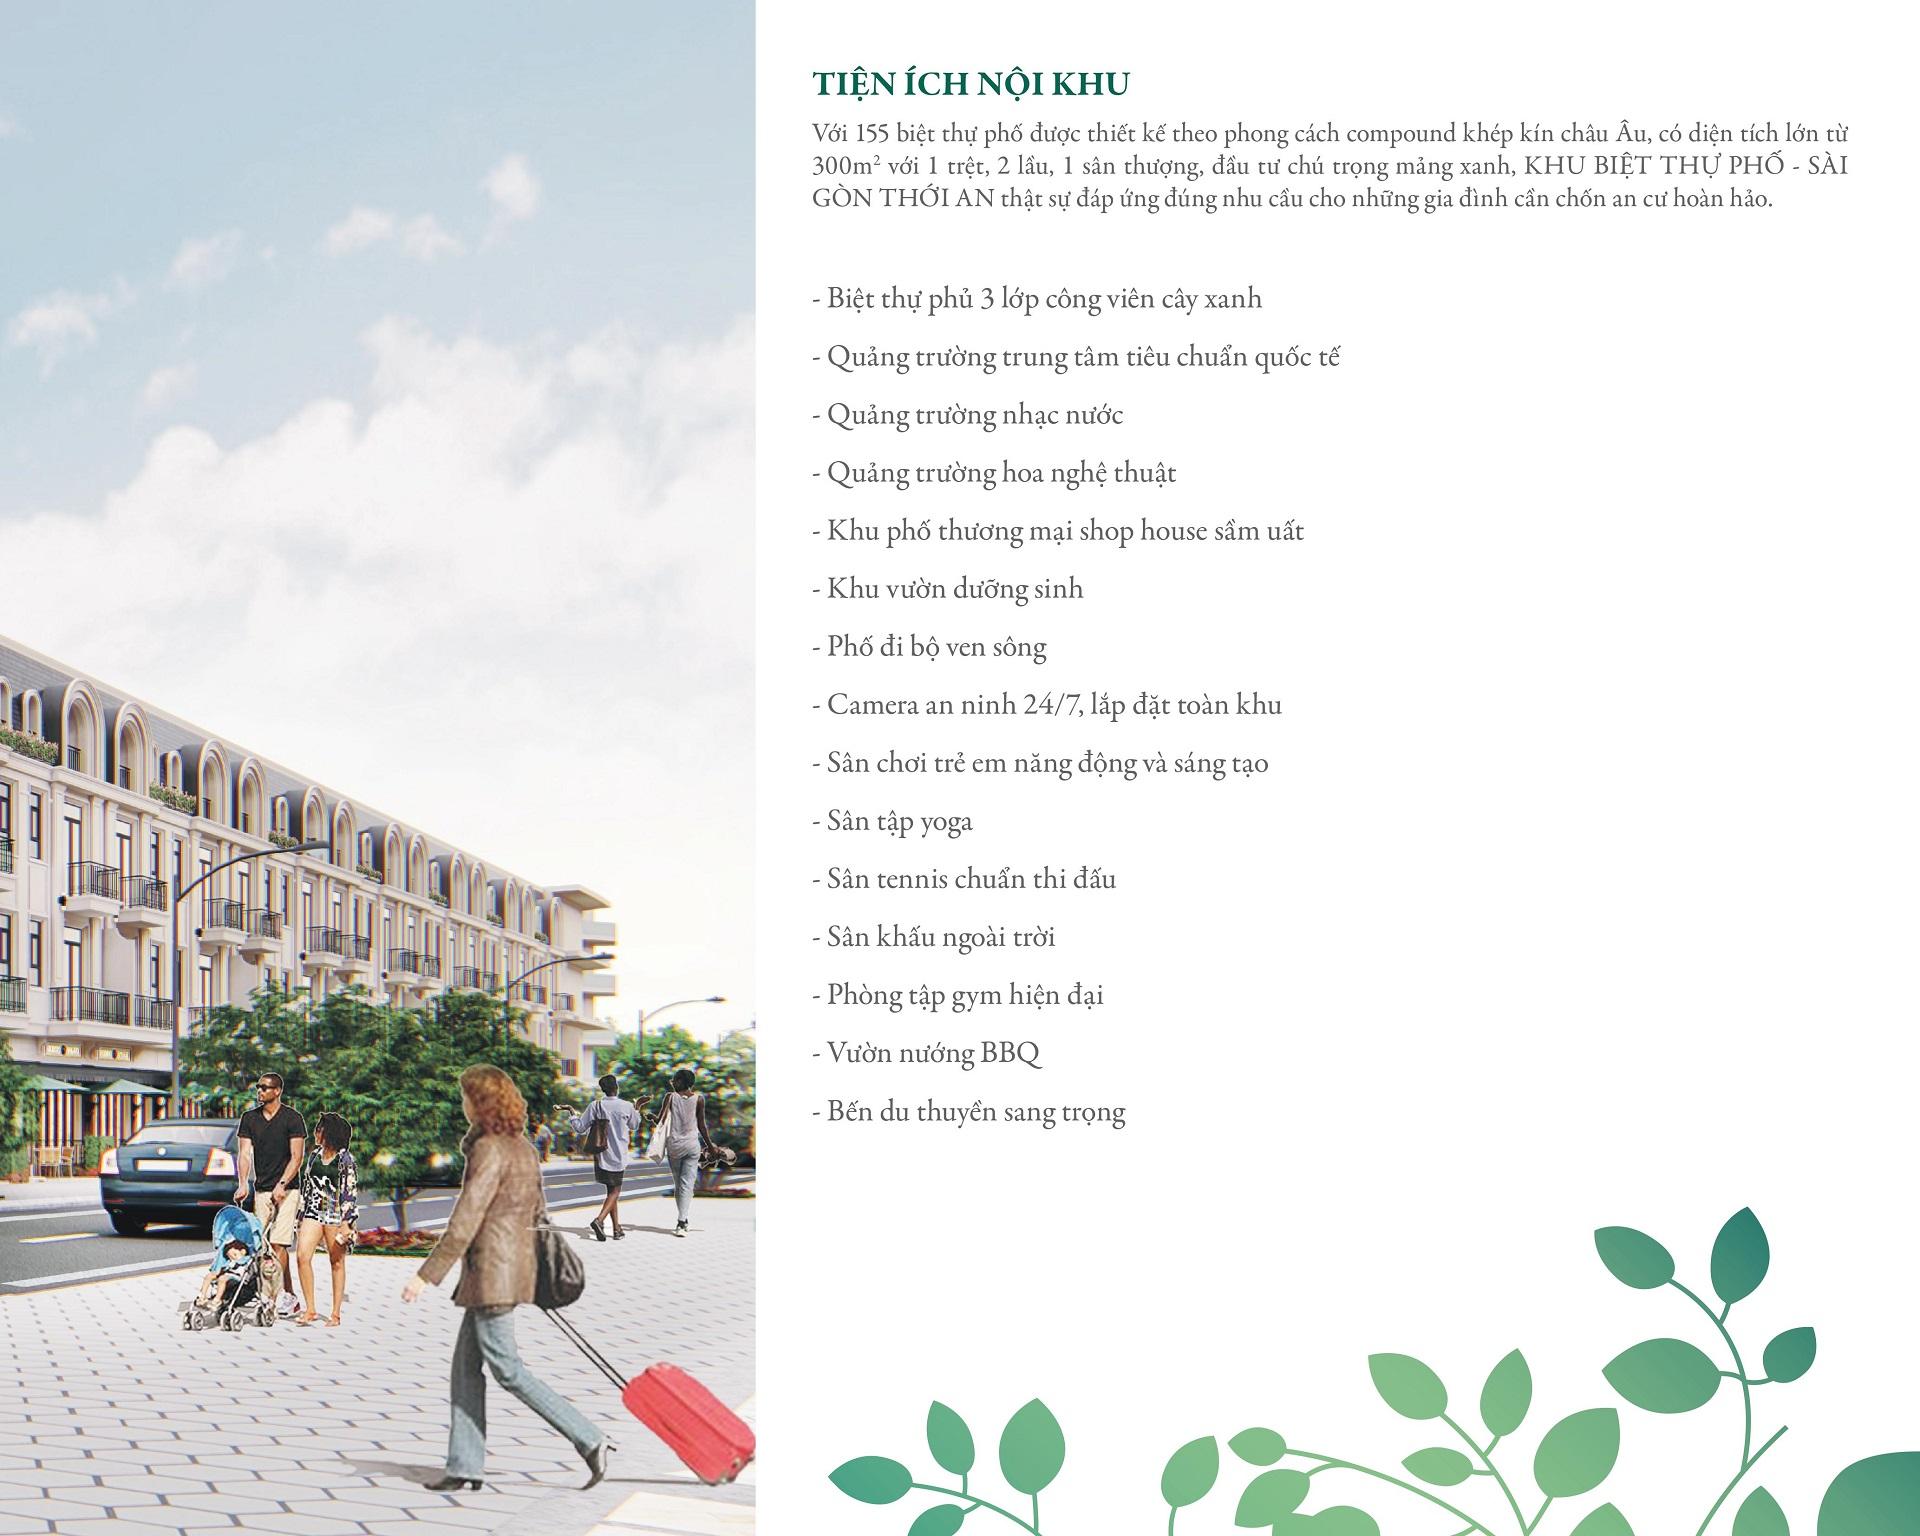 Tiện ích nội khu dự án Pier IX